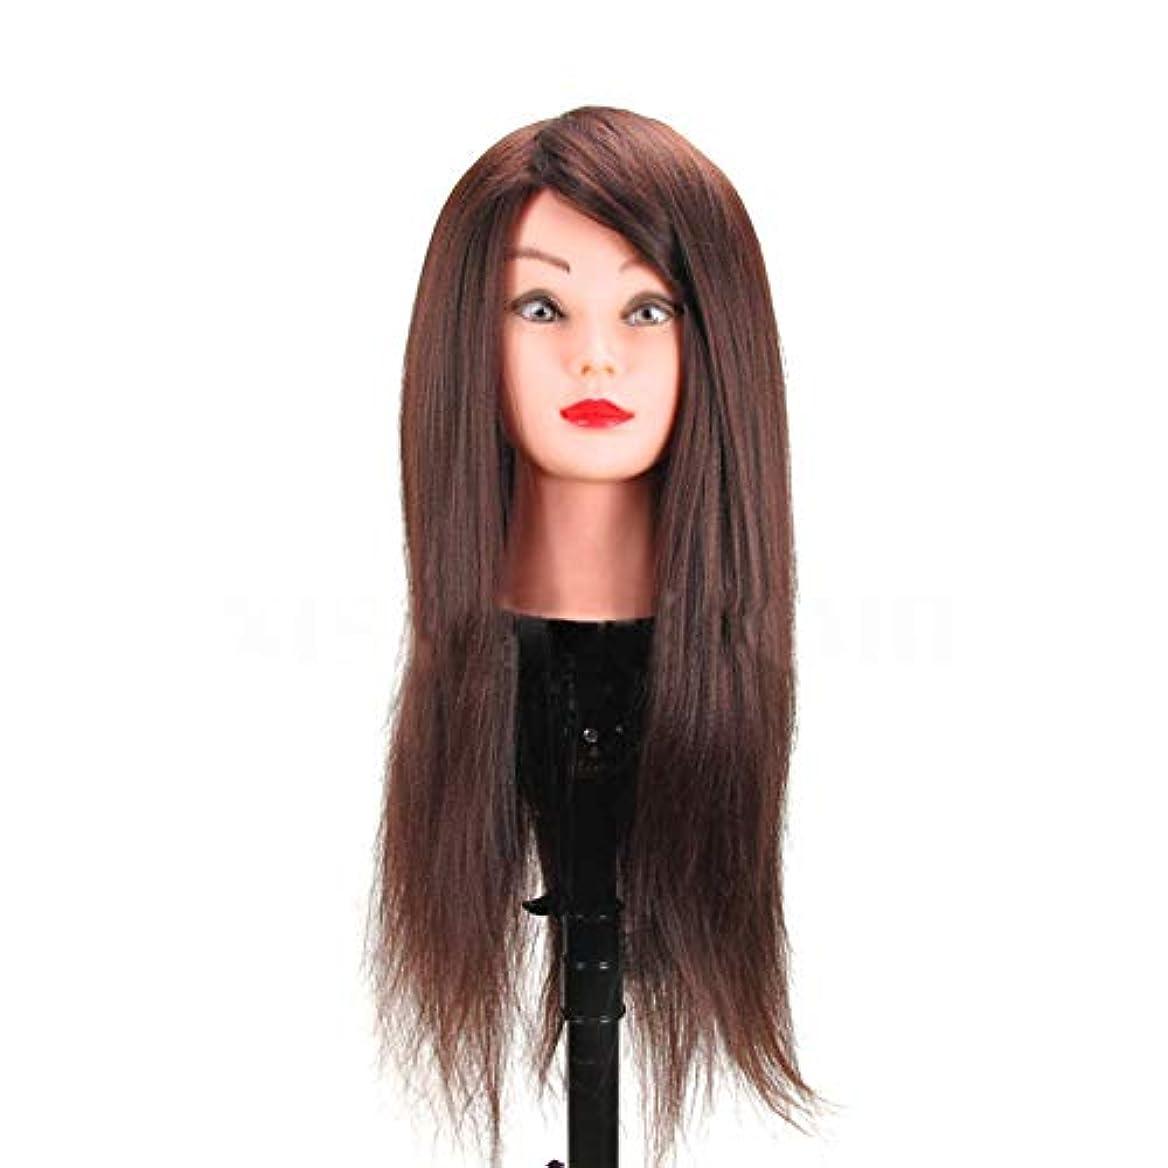 故障報告書種高温シルク編組ヘアスタイリングヘッドモデル理髪店理髪ダミーヘッド化粧練習マネキンヘッド